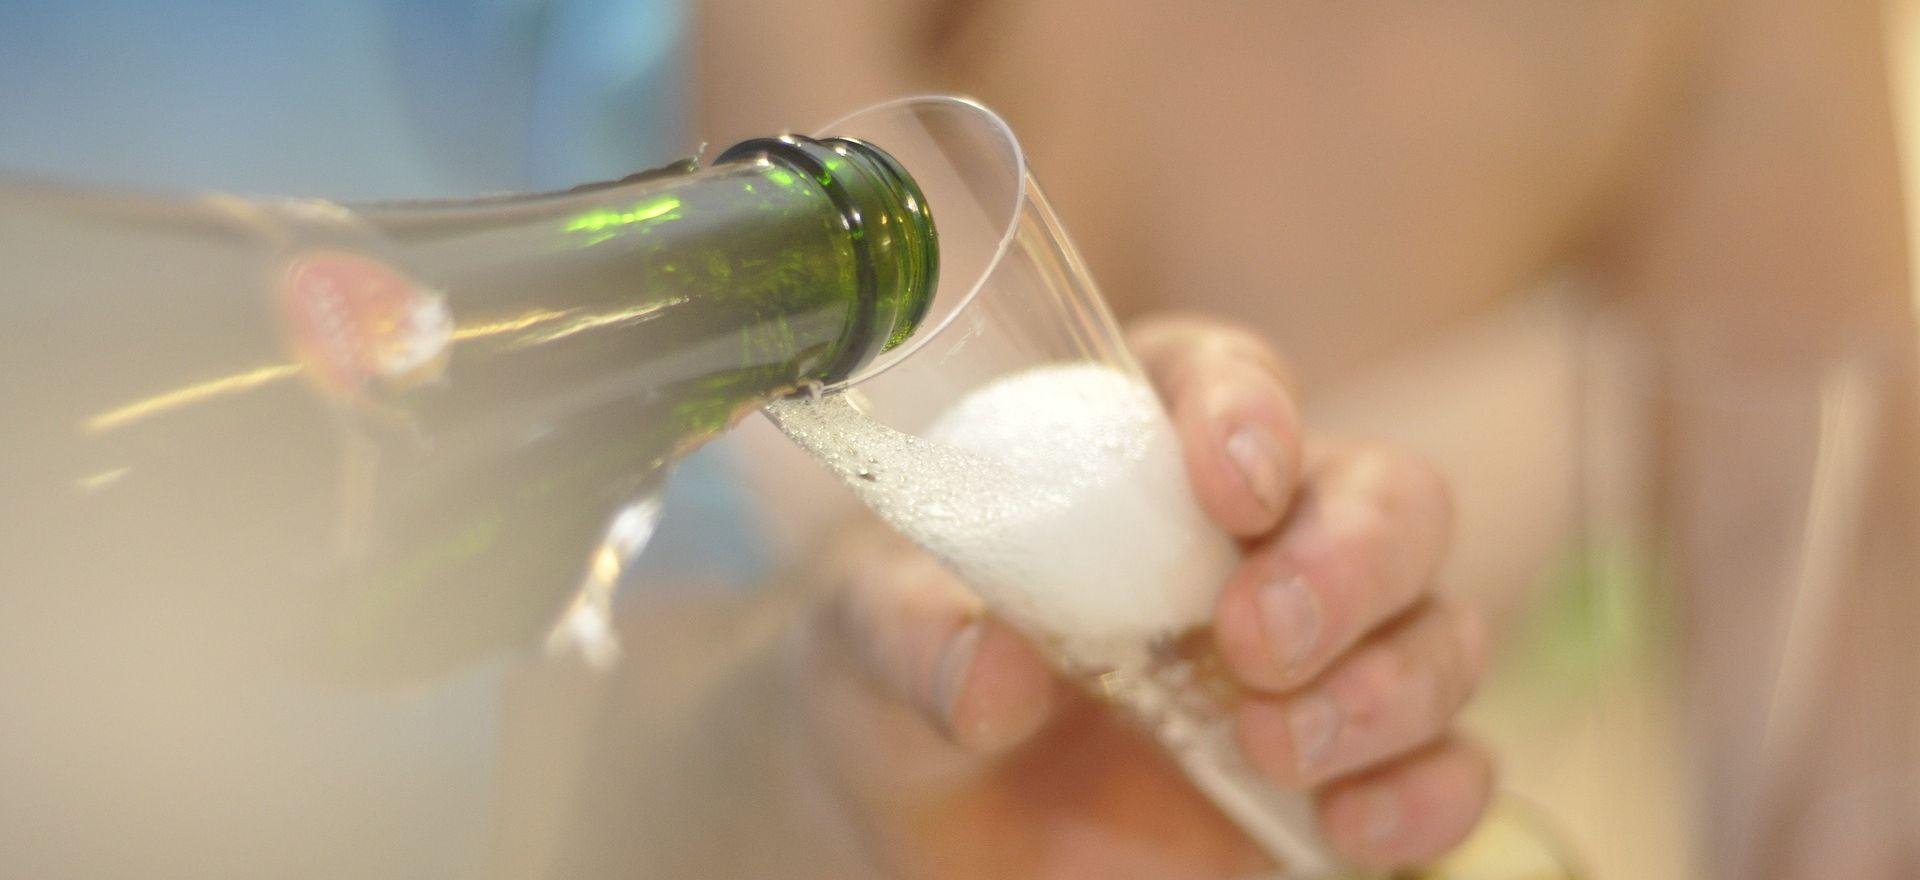 AUSTRALIJA Provalio u kuću, počastio se šampanjcem pa zaspao u krevetu vlasnice